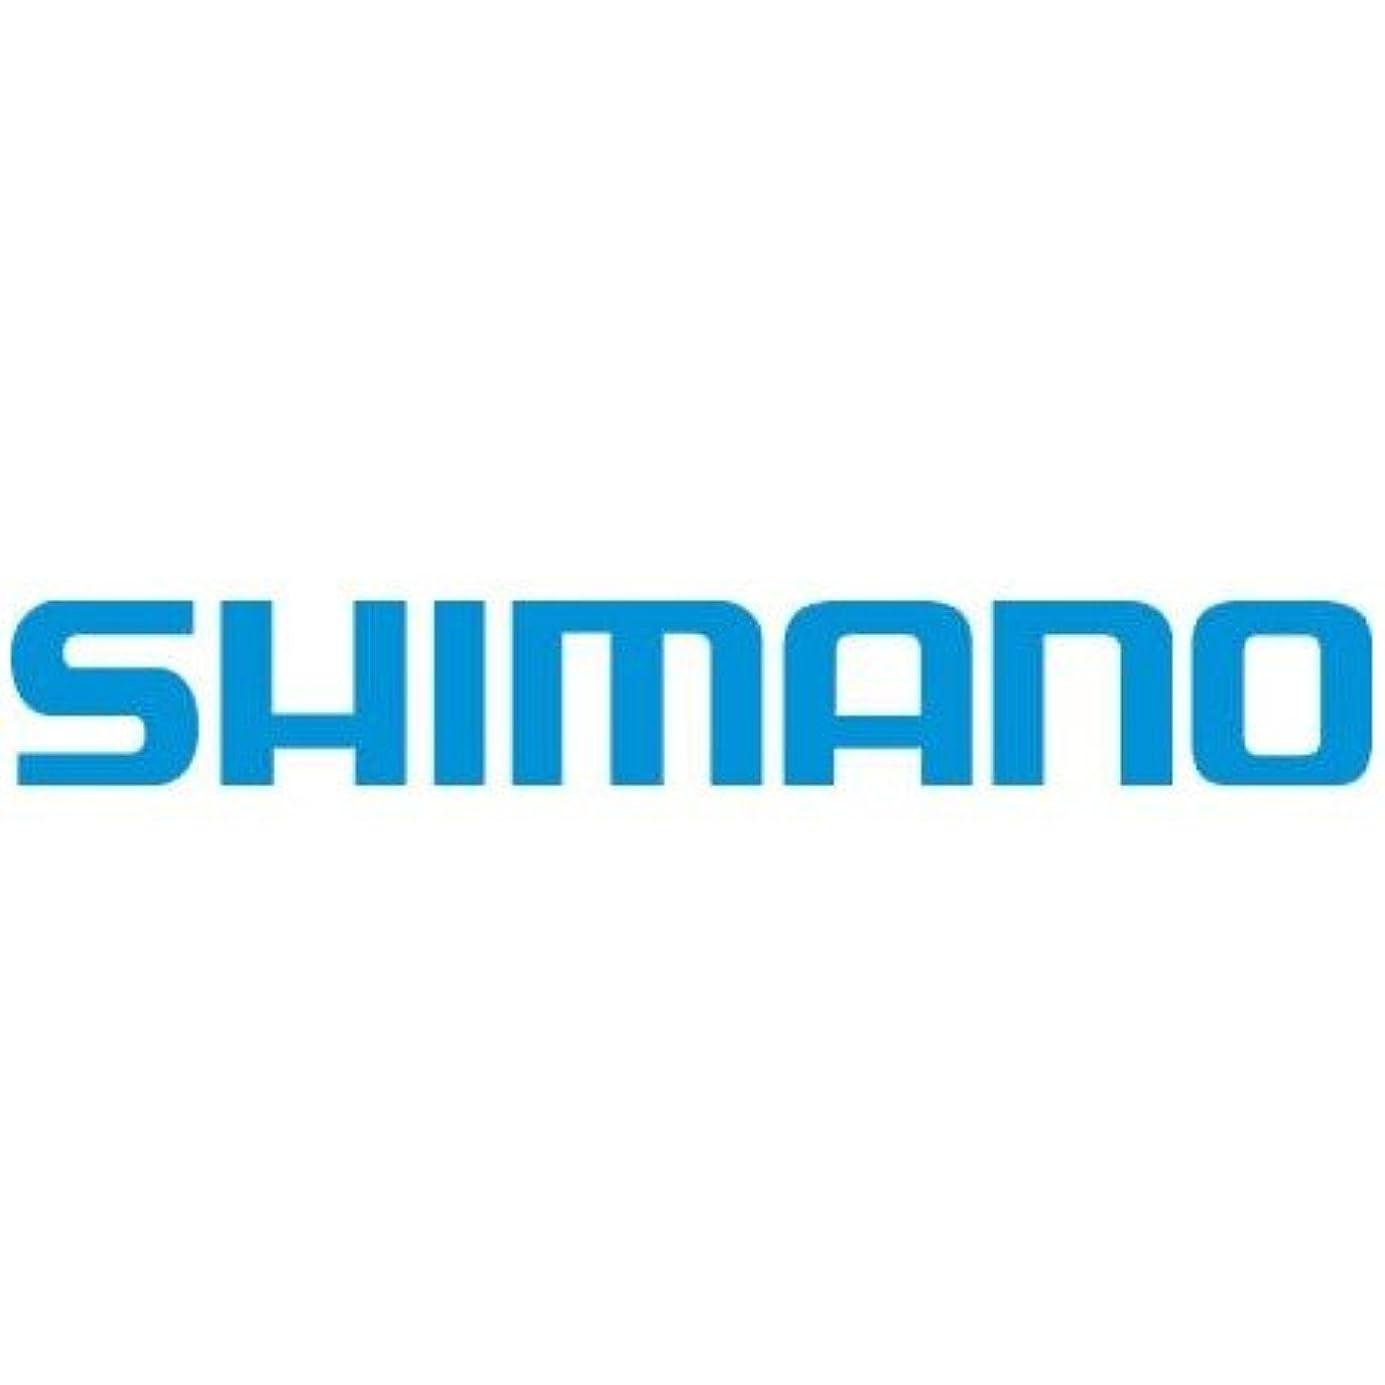 課す巨大無駄SHIMANO(シマノ) チェーンガード固定ボルト 4個入り FC-M361-S FC-M361-L FC-M361-8-S FC-M361-8-L Y1KN98090